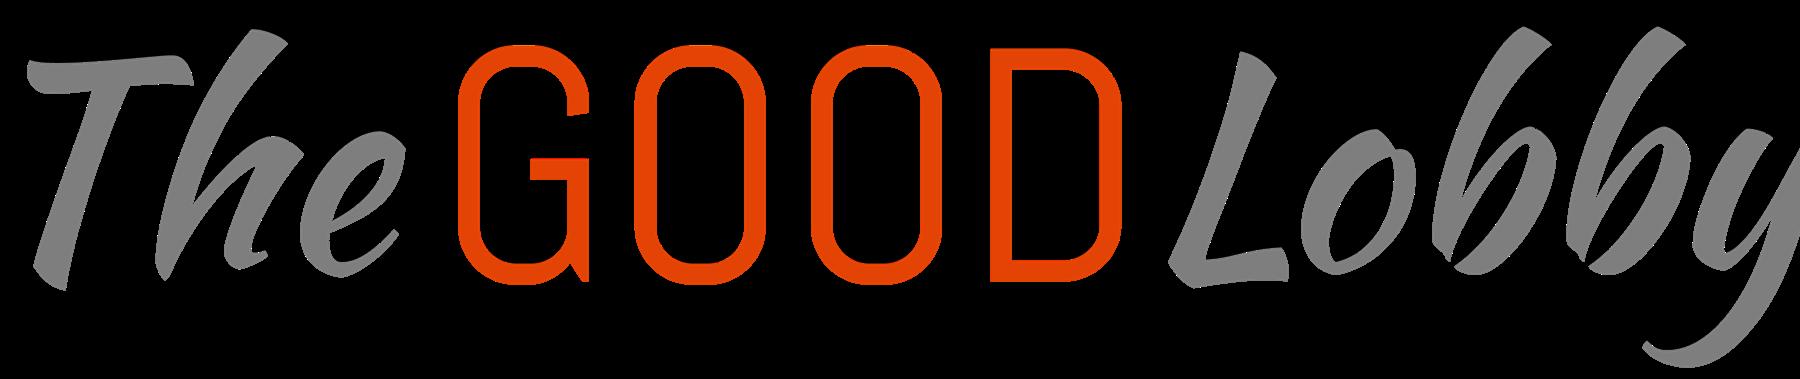 thegoodlobby